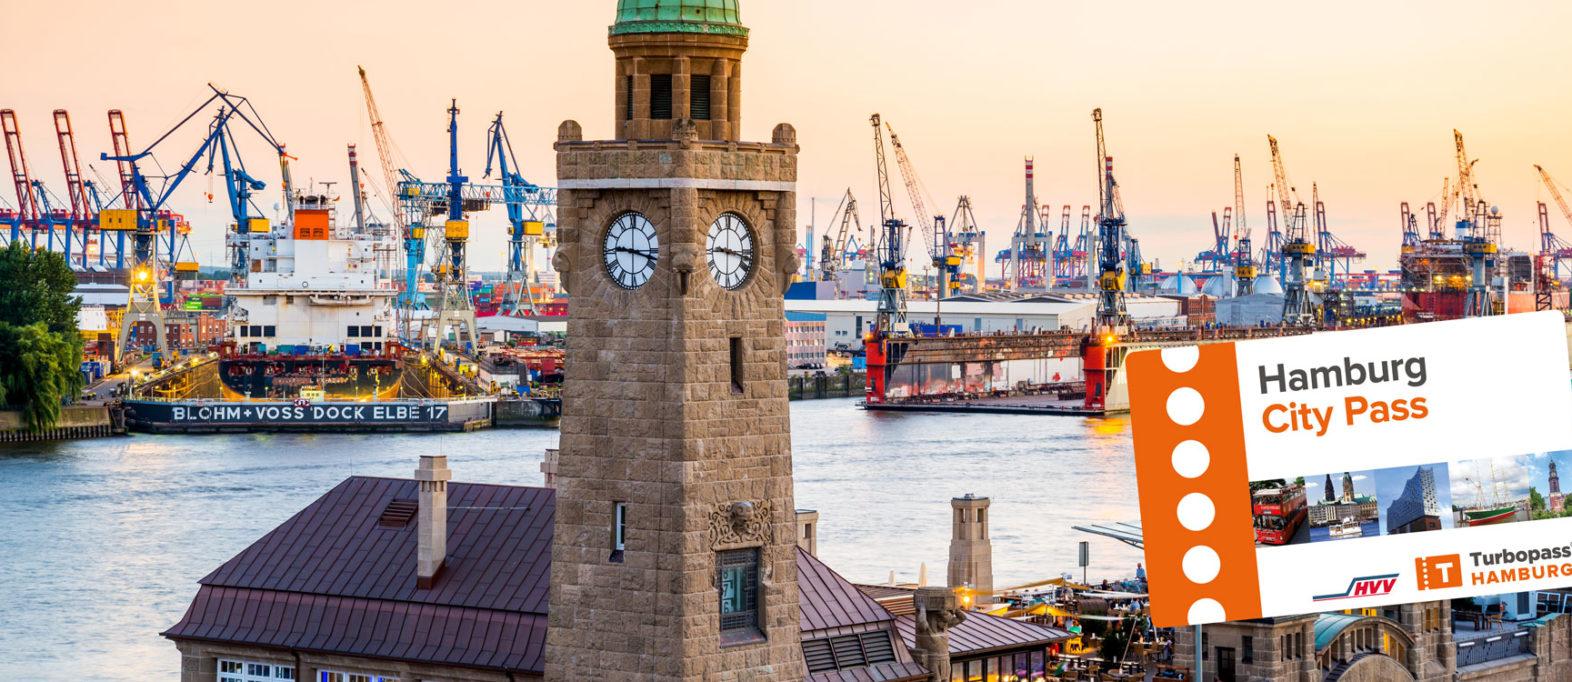 Lohnt sich der Hamburg City Pass? Vergleich Turbopass und Hamburg CARD?